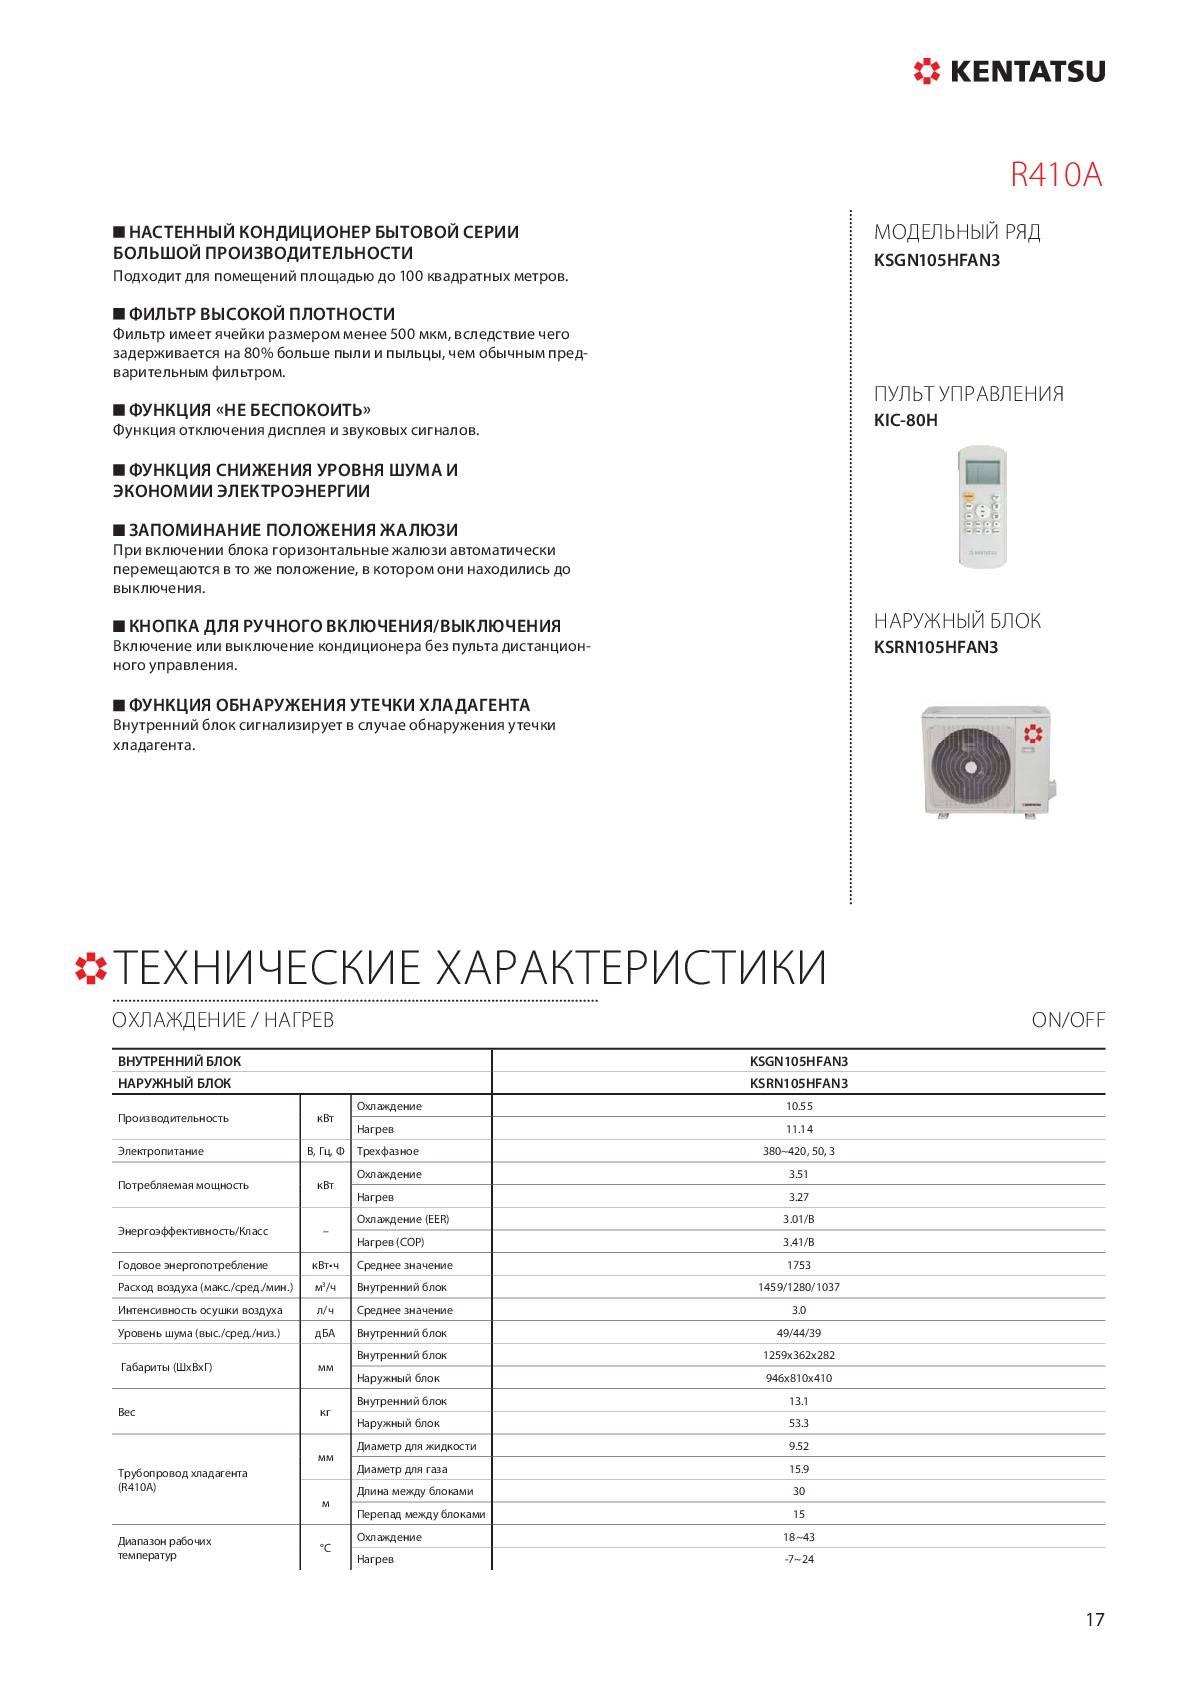 Кондиционер kentatsu ksgc35hfdn1 / ksrc35hfdn1